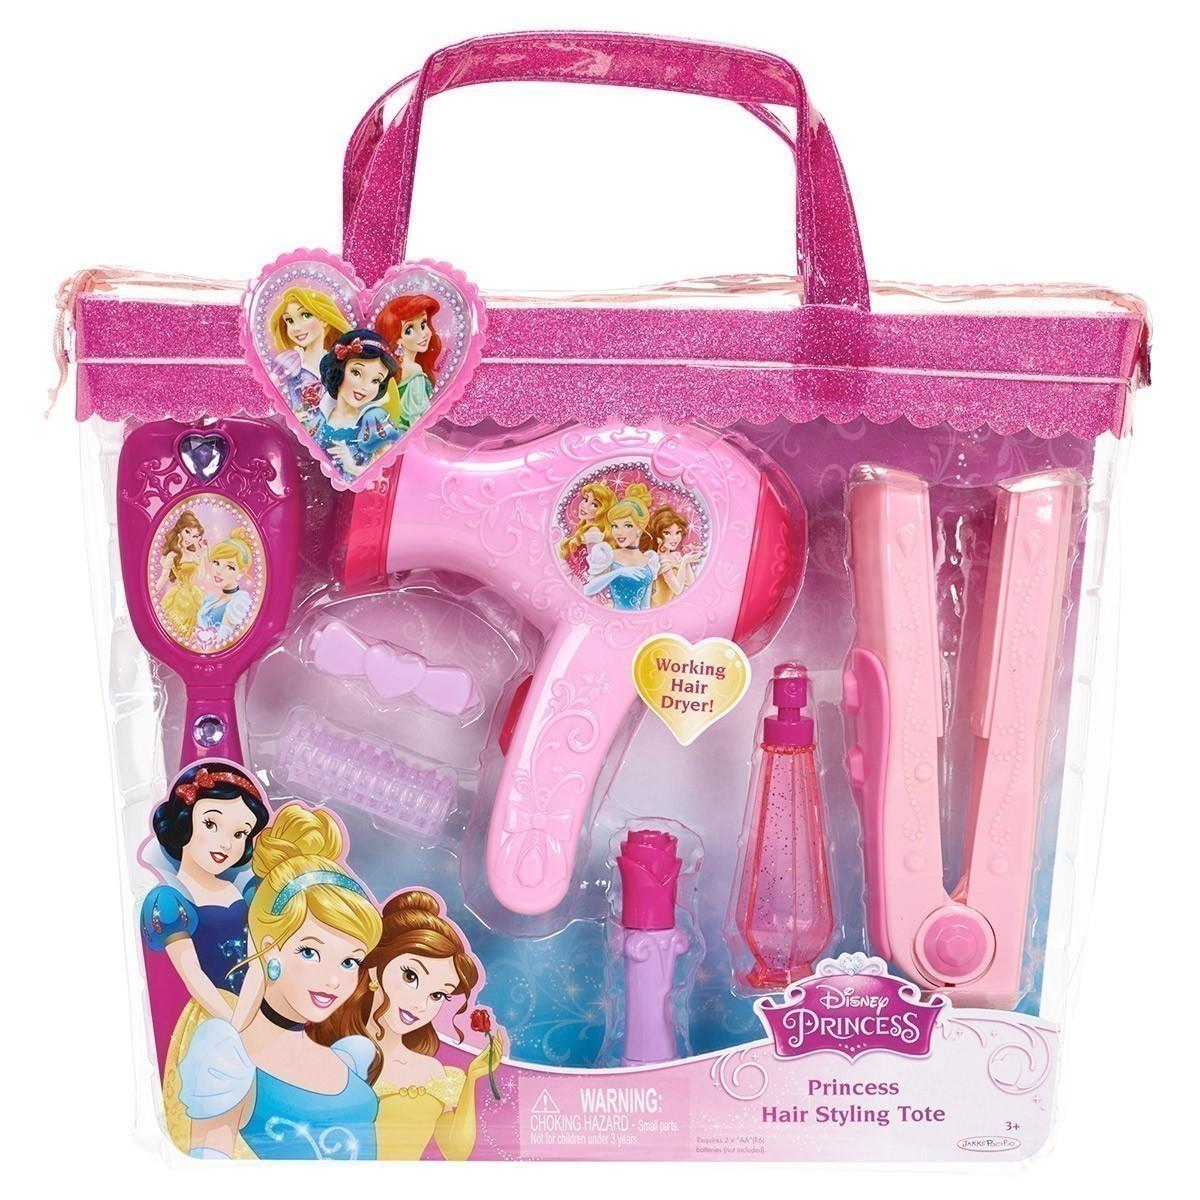 Set de coafura cu uscator de par Disney Princess imagine hippoland.ro